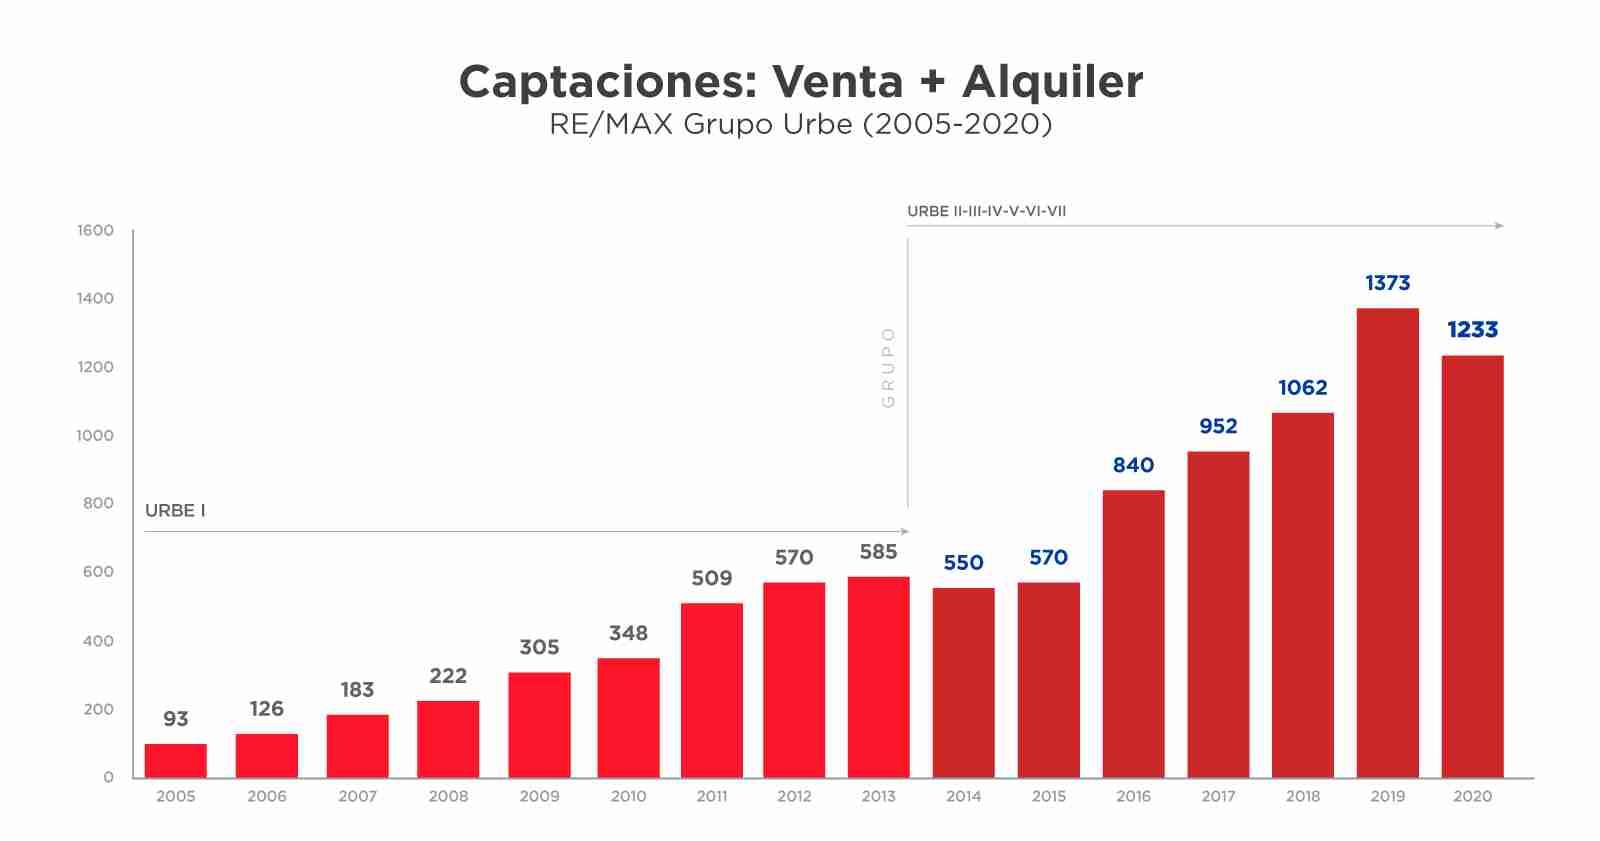 captaciones-venta-alquiler-2020-articulo-caso-de-exito-remax-urbe-